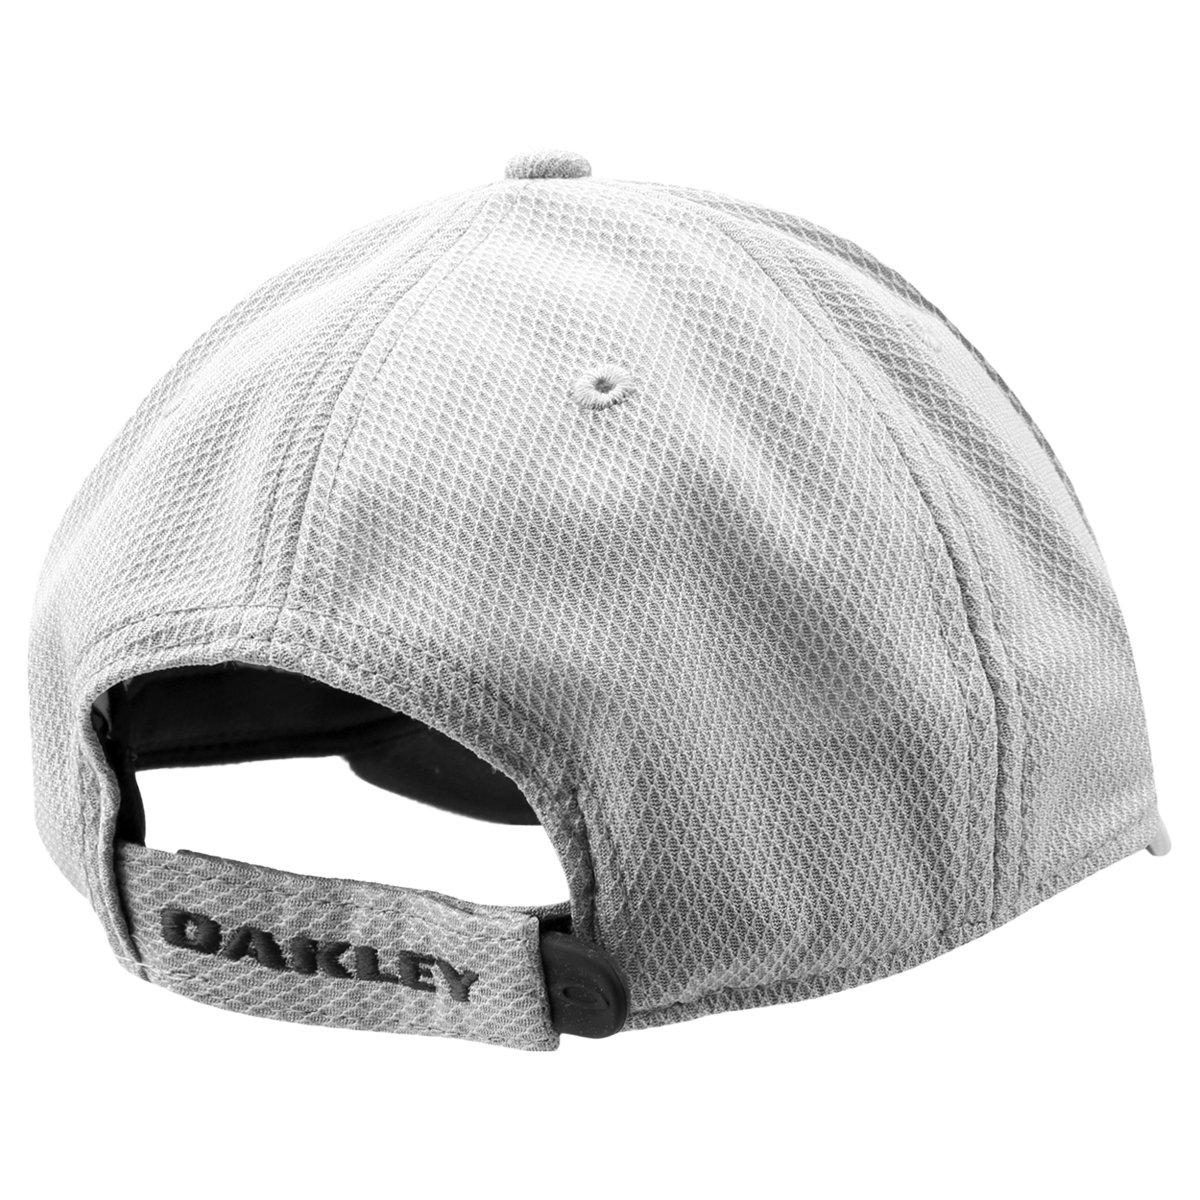 Boné Oakley Aba Curva Ellipse Masculino - Off White e Preto - Compre ... 9dc80416644cc